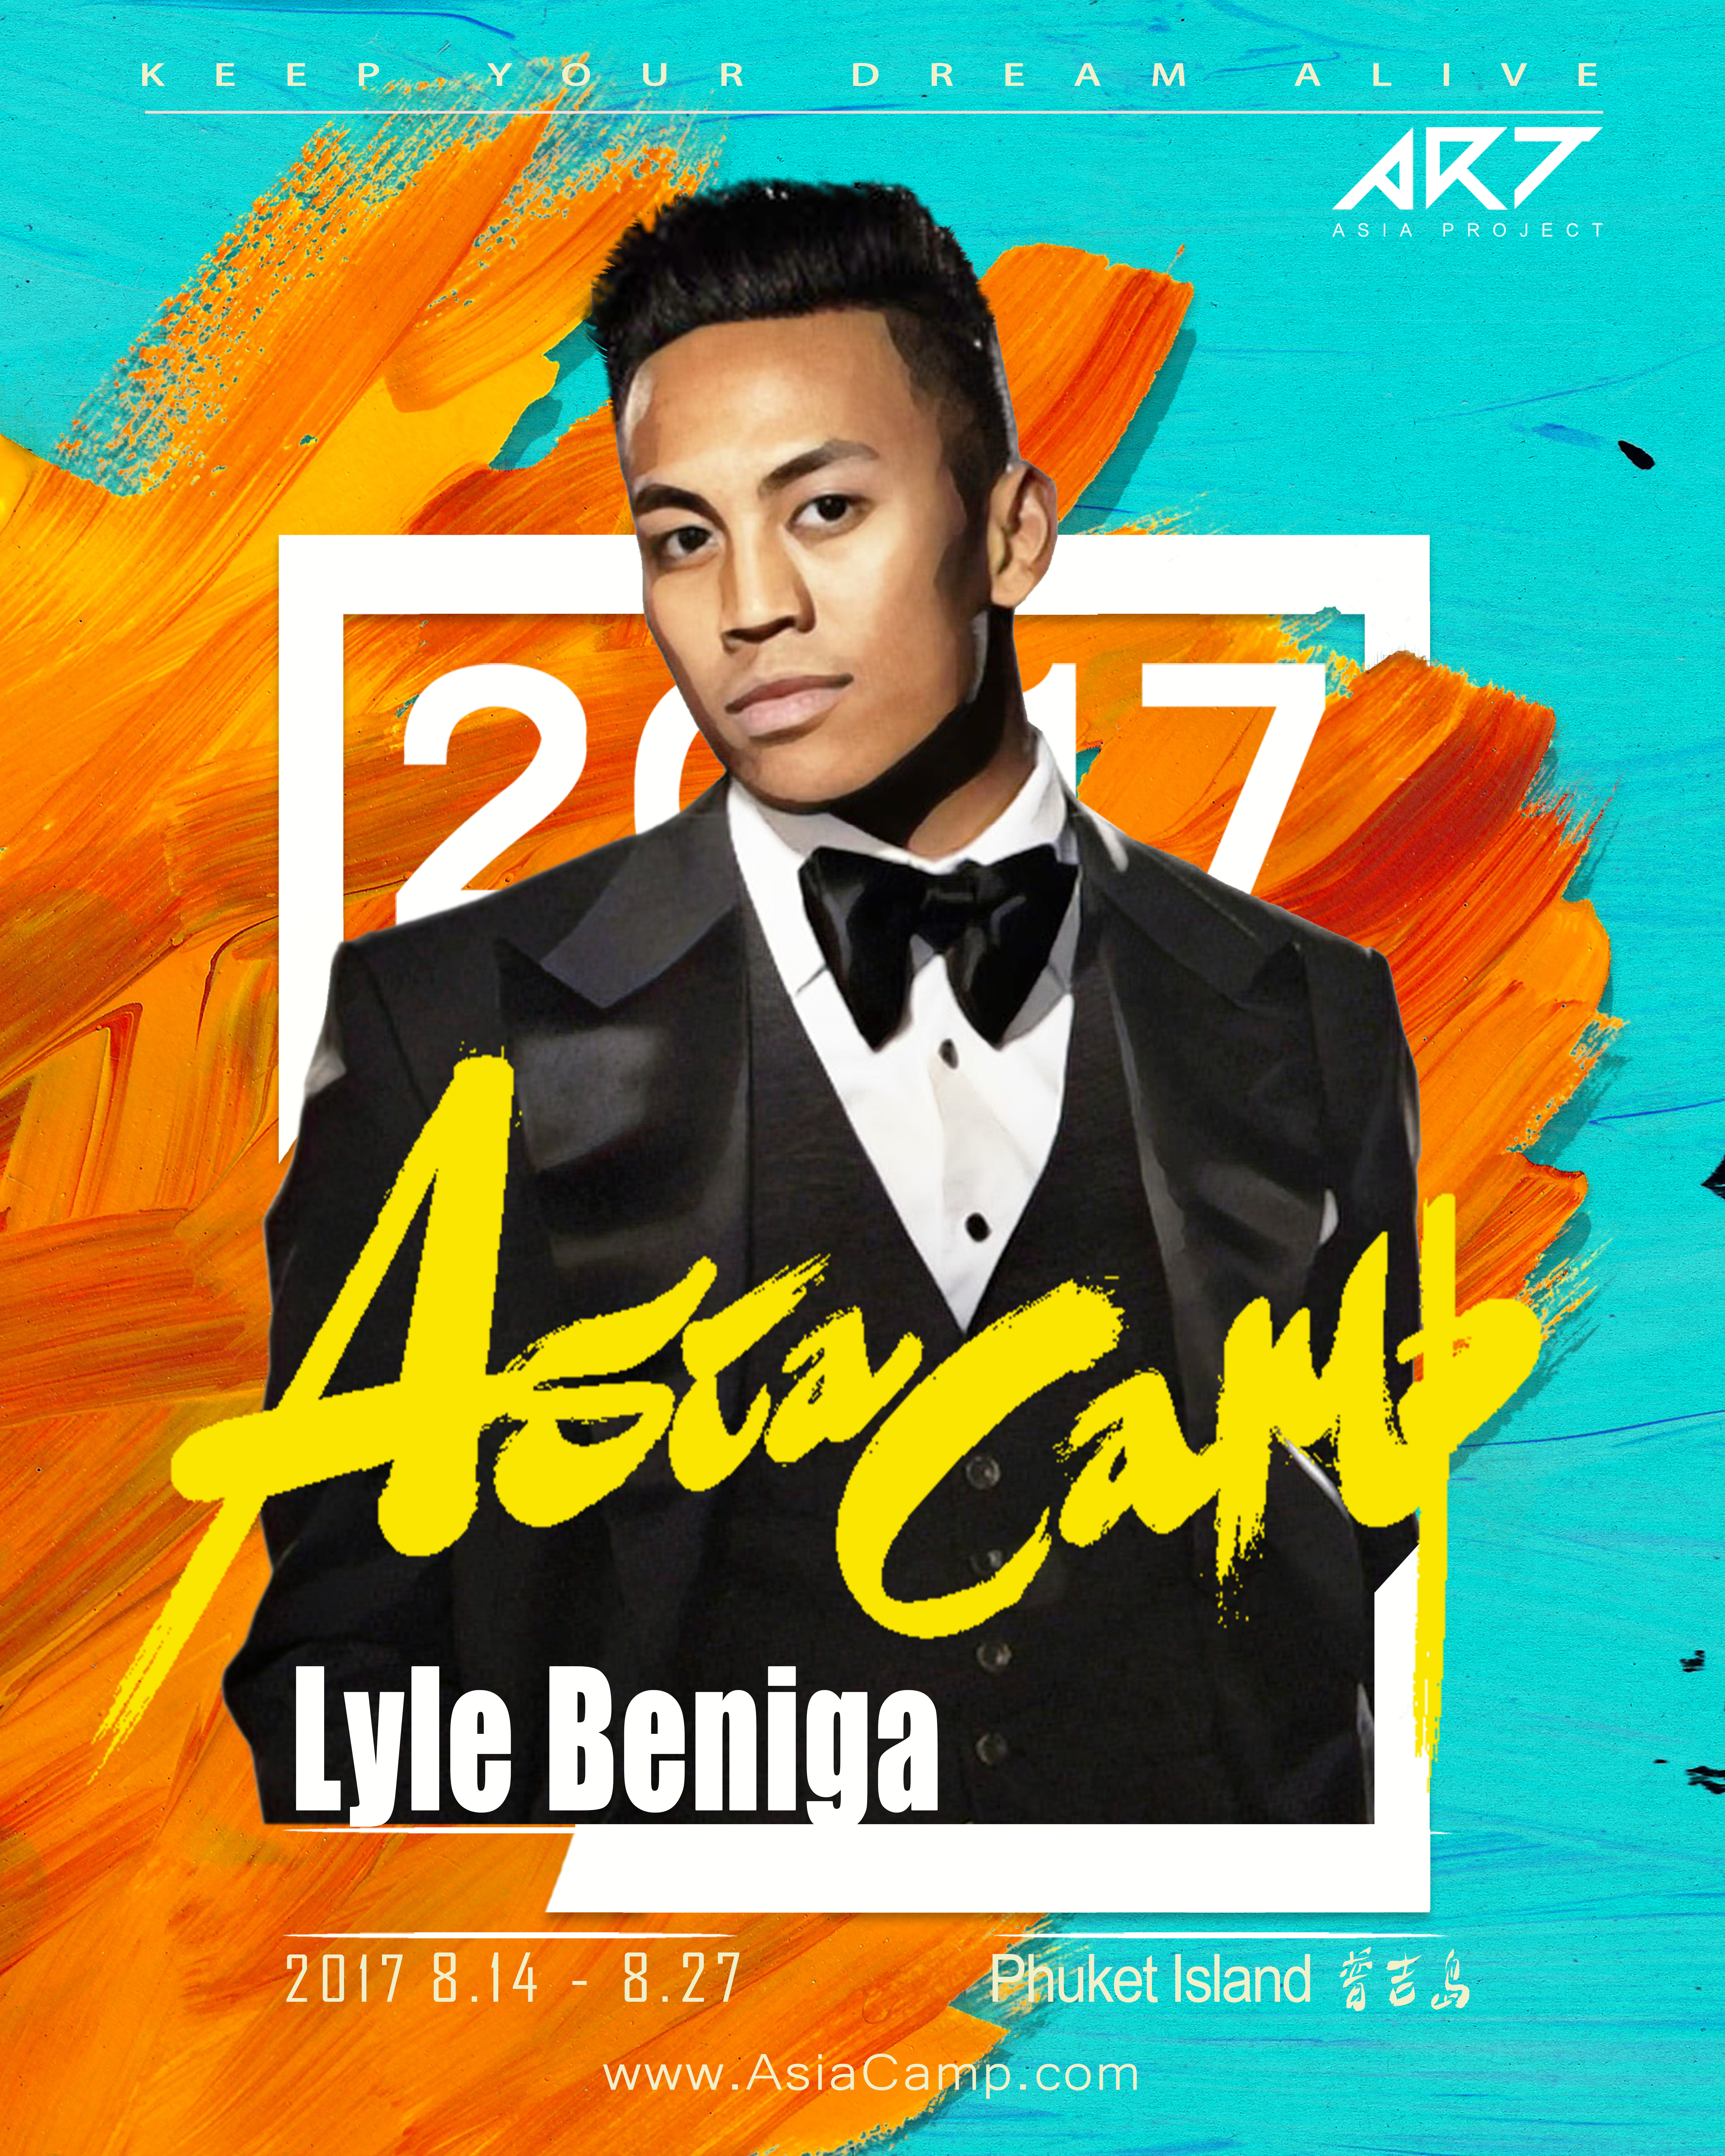 Lyle Beniga